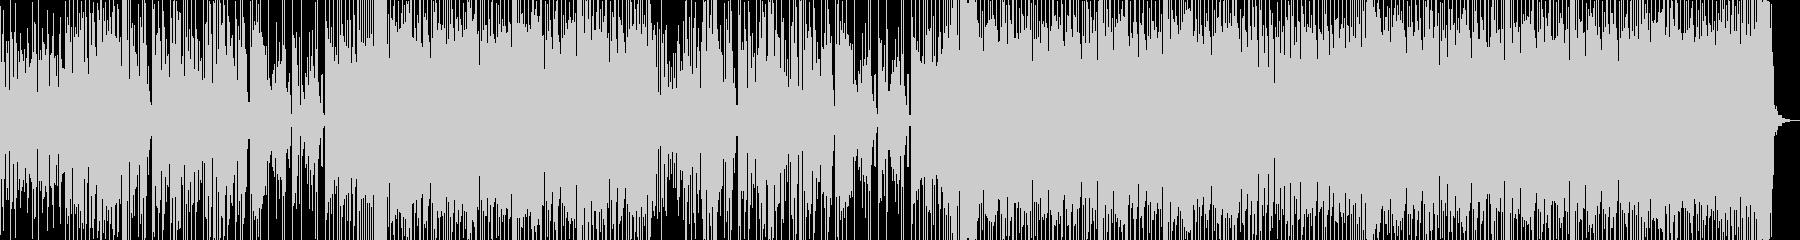 きらきらFuture Bassの未再生の波形